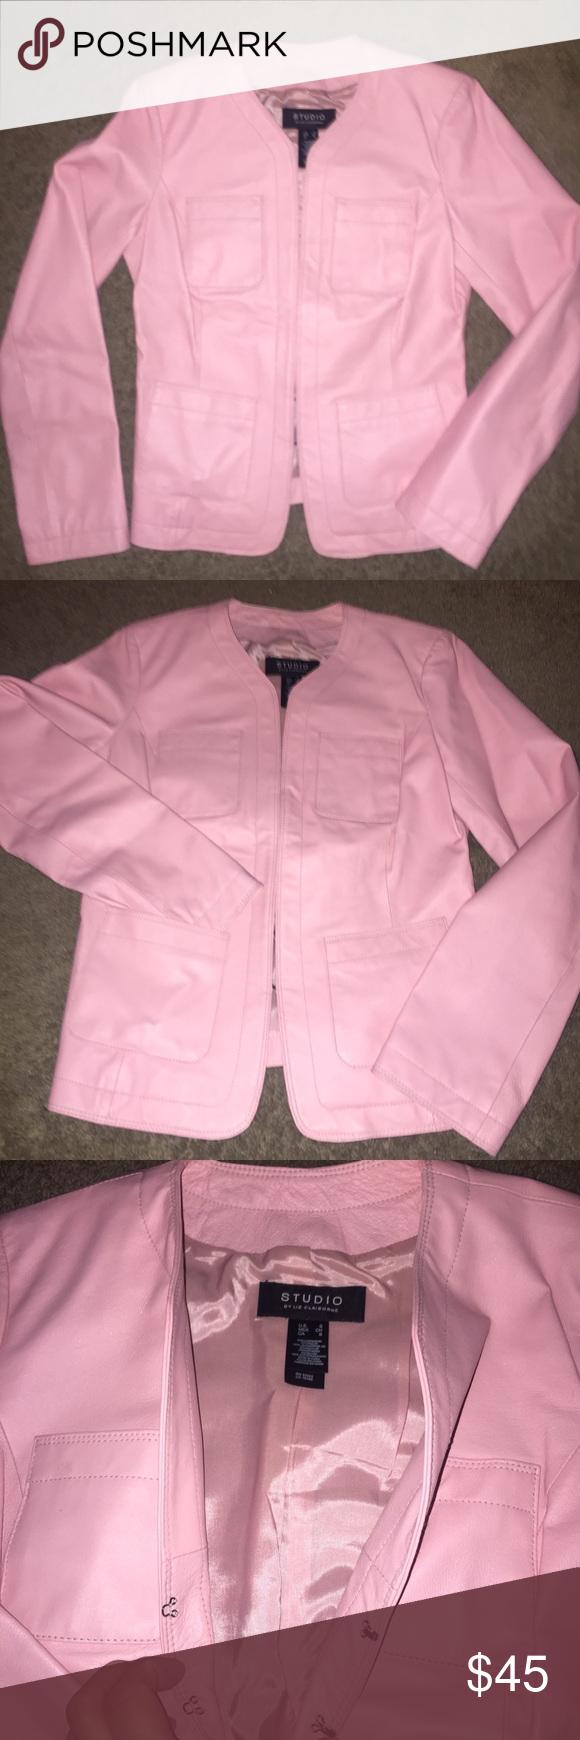 Studio By Liz Claiborne Leather Jacket Liz Claiborne Pale Pink Leather Jacket Hook And Eye Cliosure Fully Li Pink Leather Jacket Pink Leather Leather Jacket [ 1740 x 580 Pixel ]